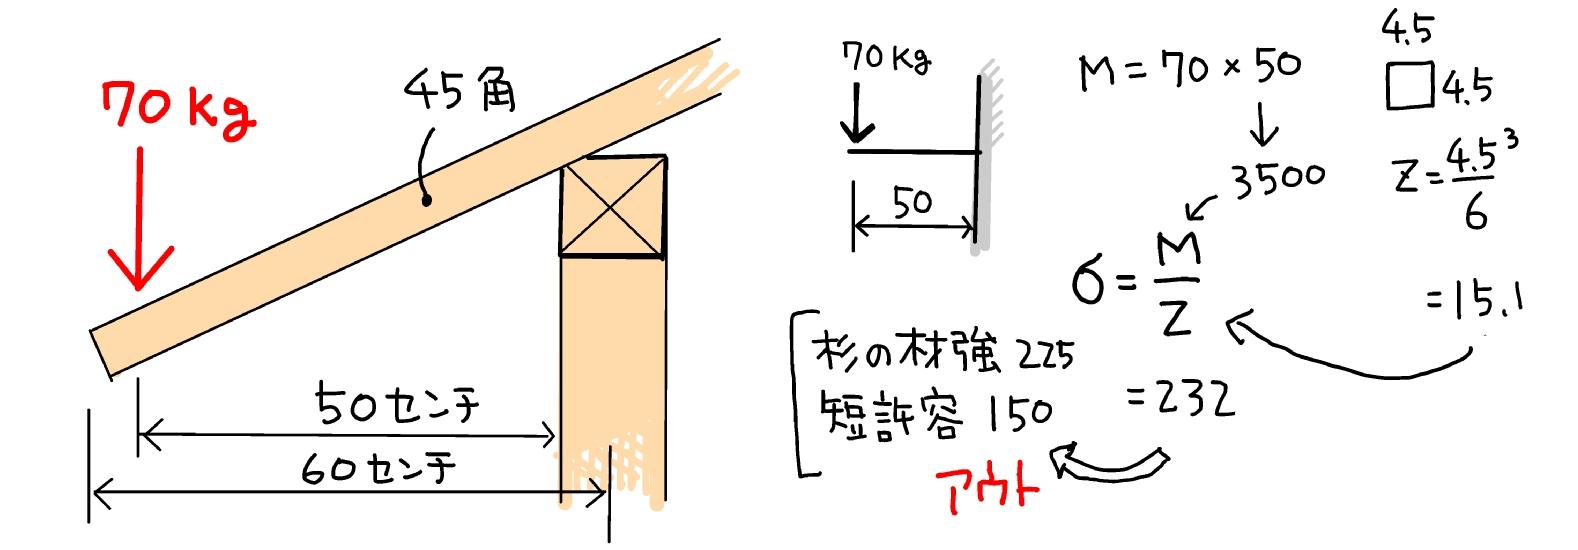 ブログ14軒5